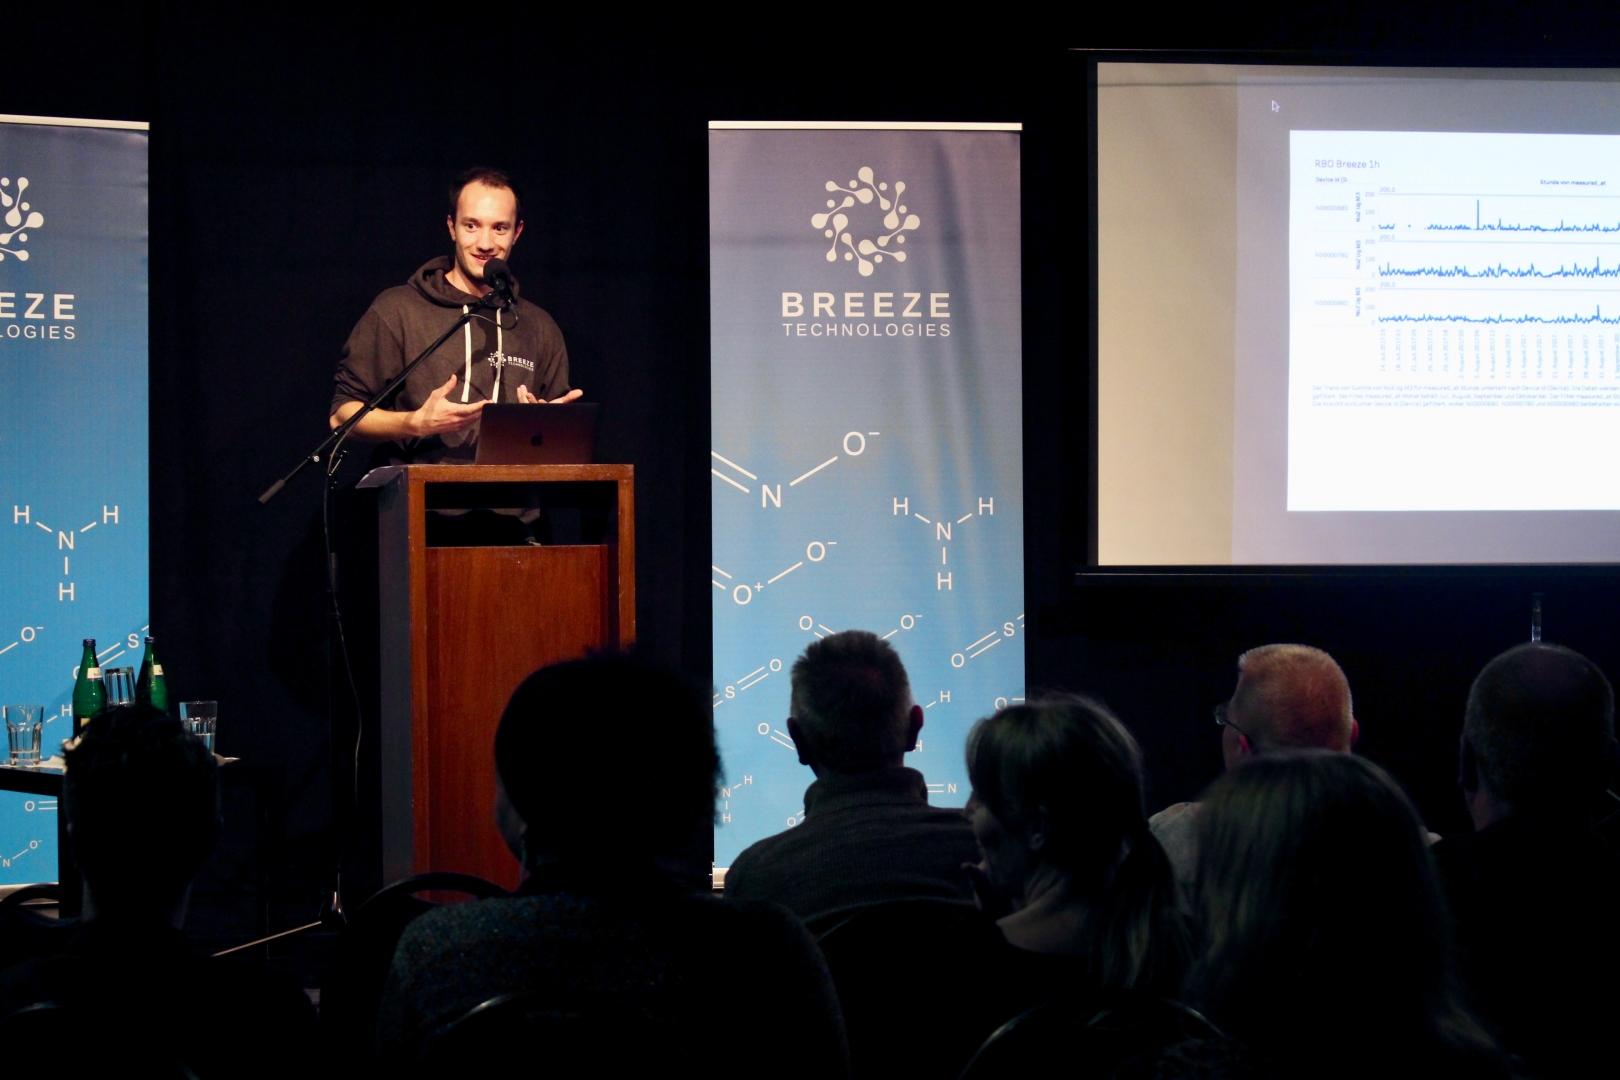 Haris Sefo erklärt die gesammelten Luftdaten beim öffentlichen Bürgerforum in Hamburg-Rothenburgsort.